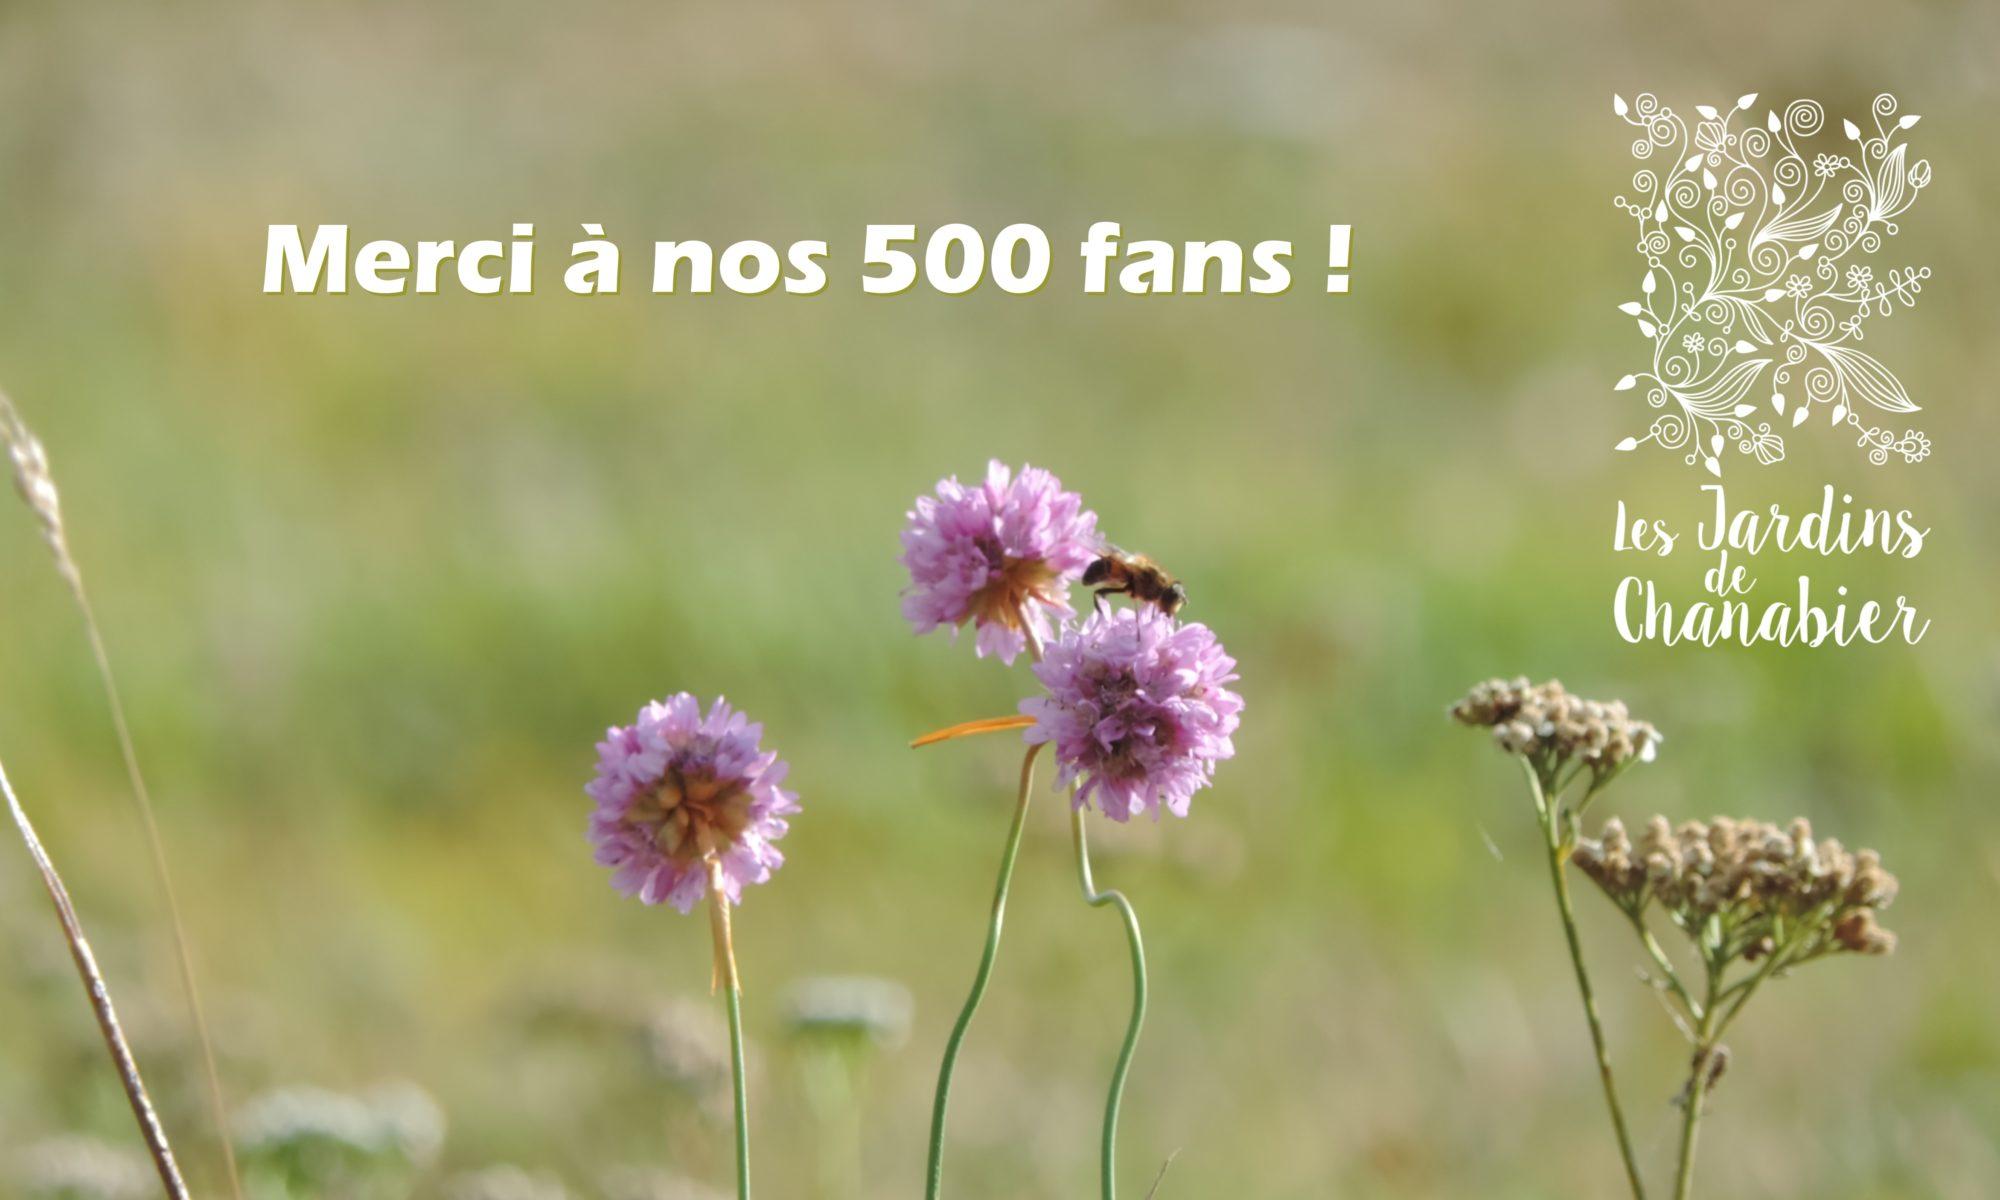 Merci aux 500 fans sur notre page Facebook